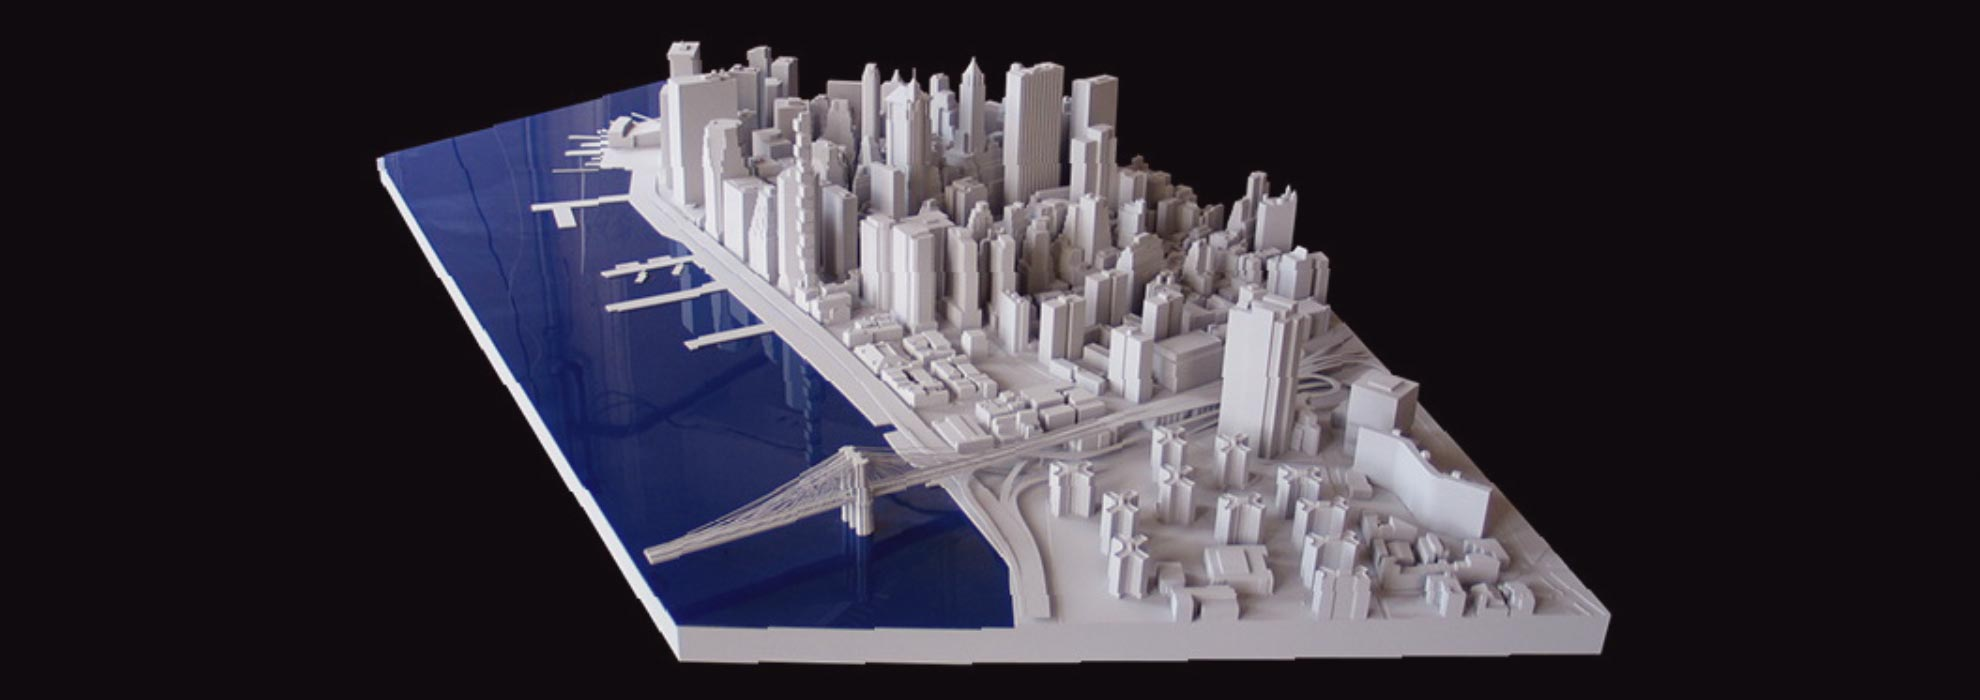 Модель проекта архитектурной застройки